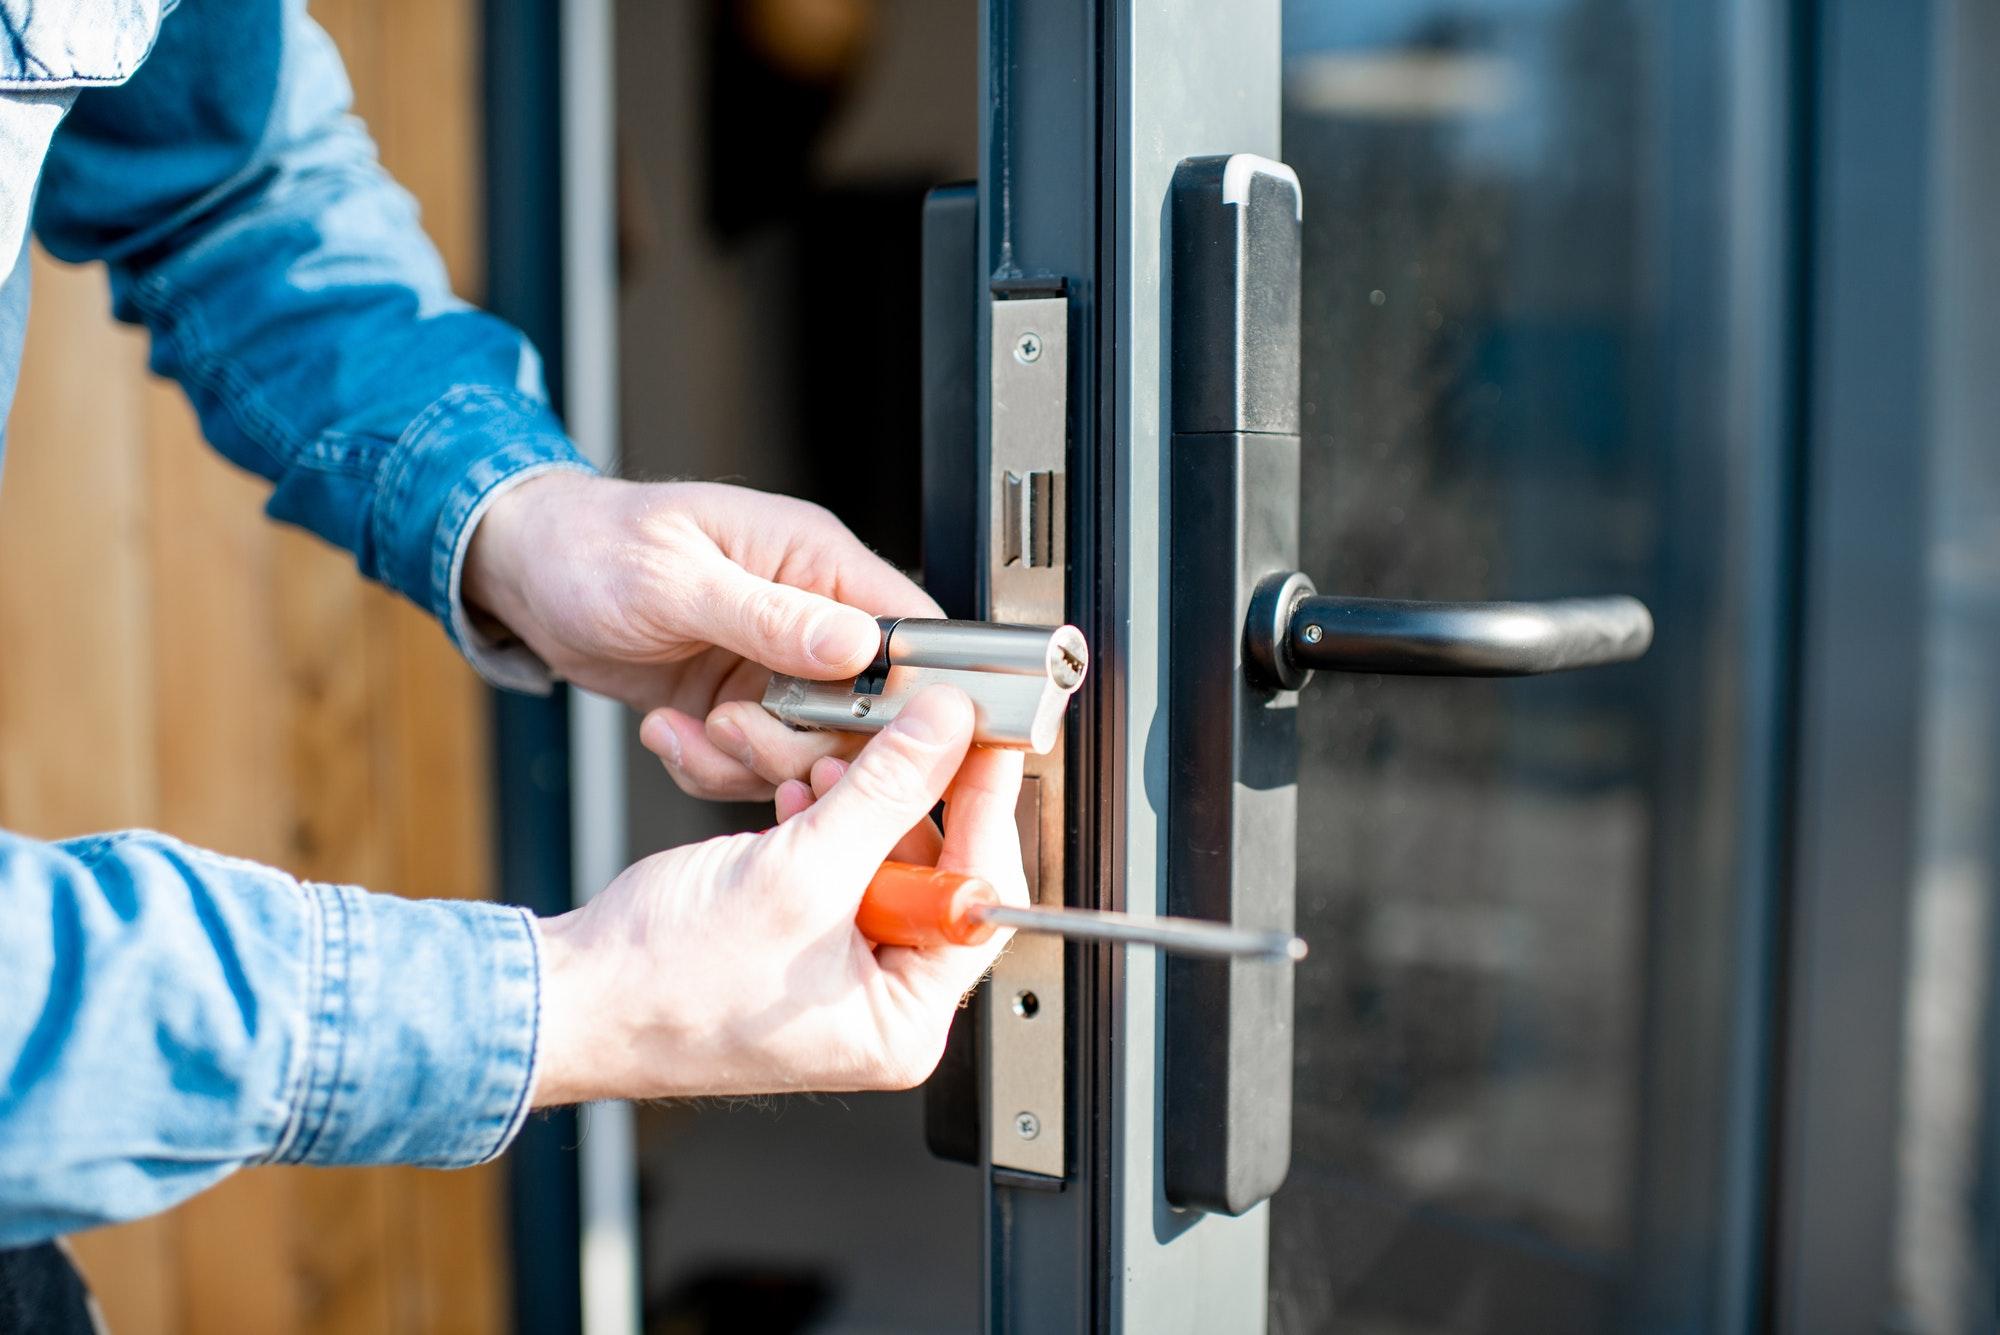 Knækket nøgle i låsecylinder, tips til hvordan du kan få ud en nøgle som har knækket i låsen ud af låsen